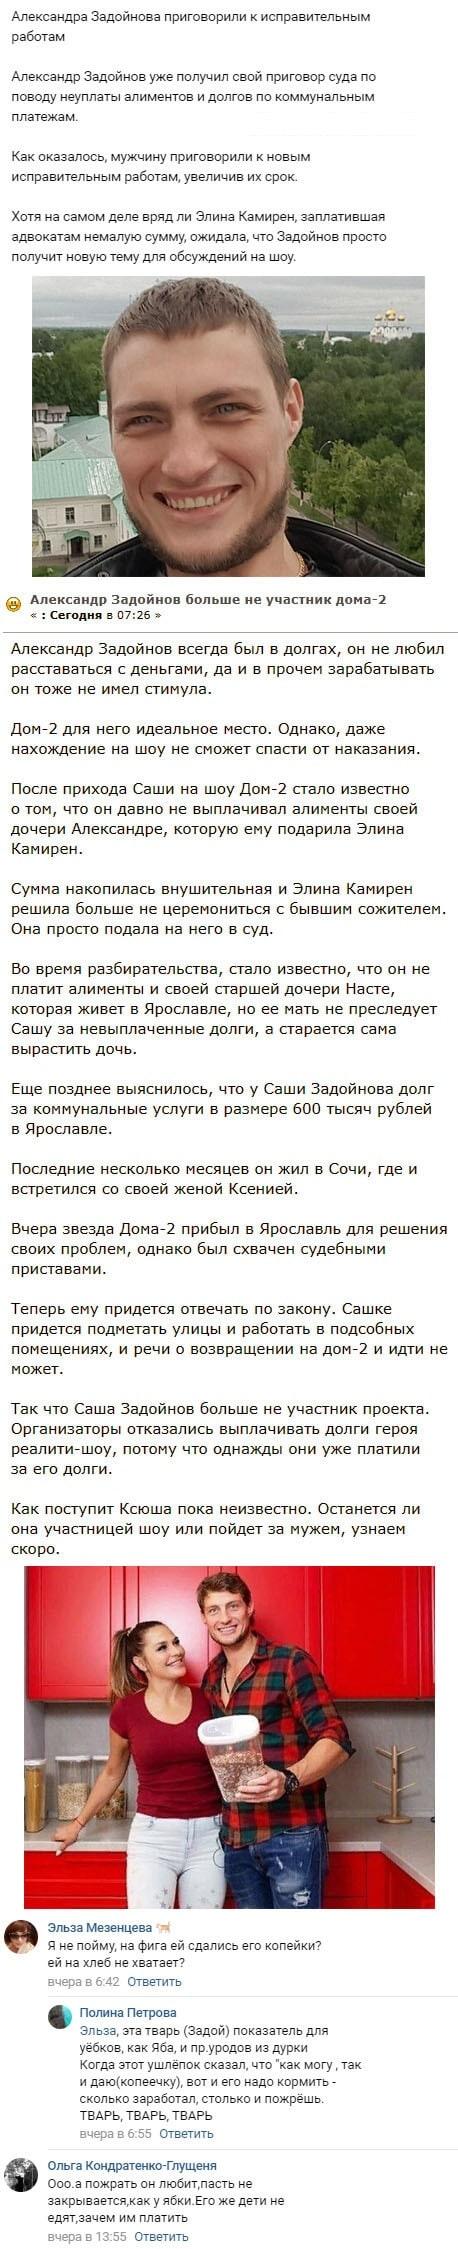 Суд уже вынес приговор Александру Задойнову